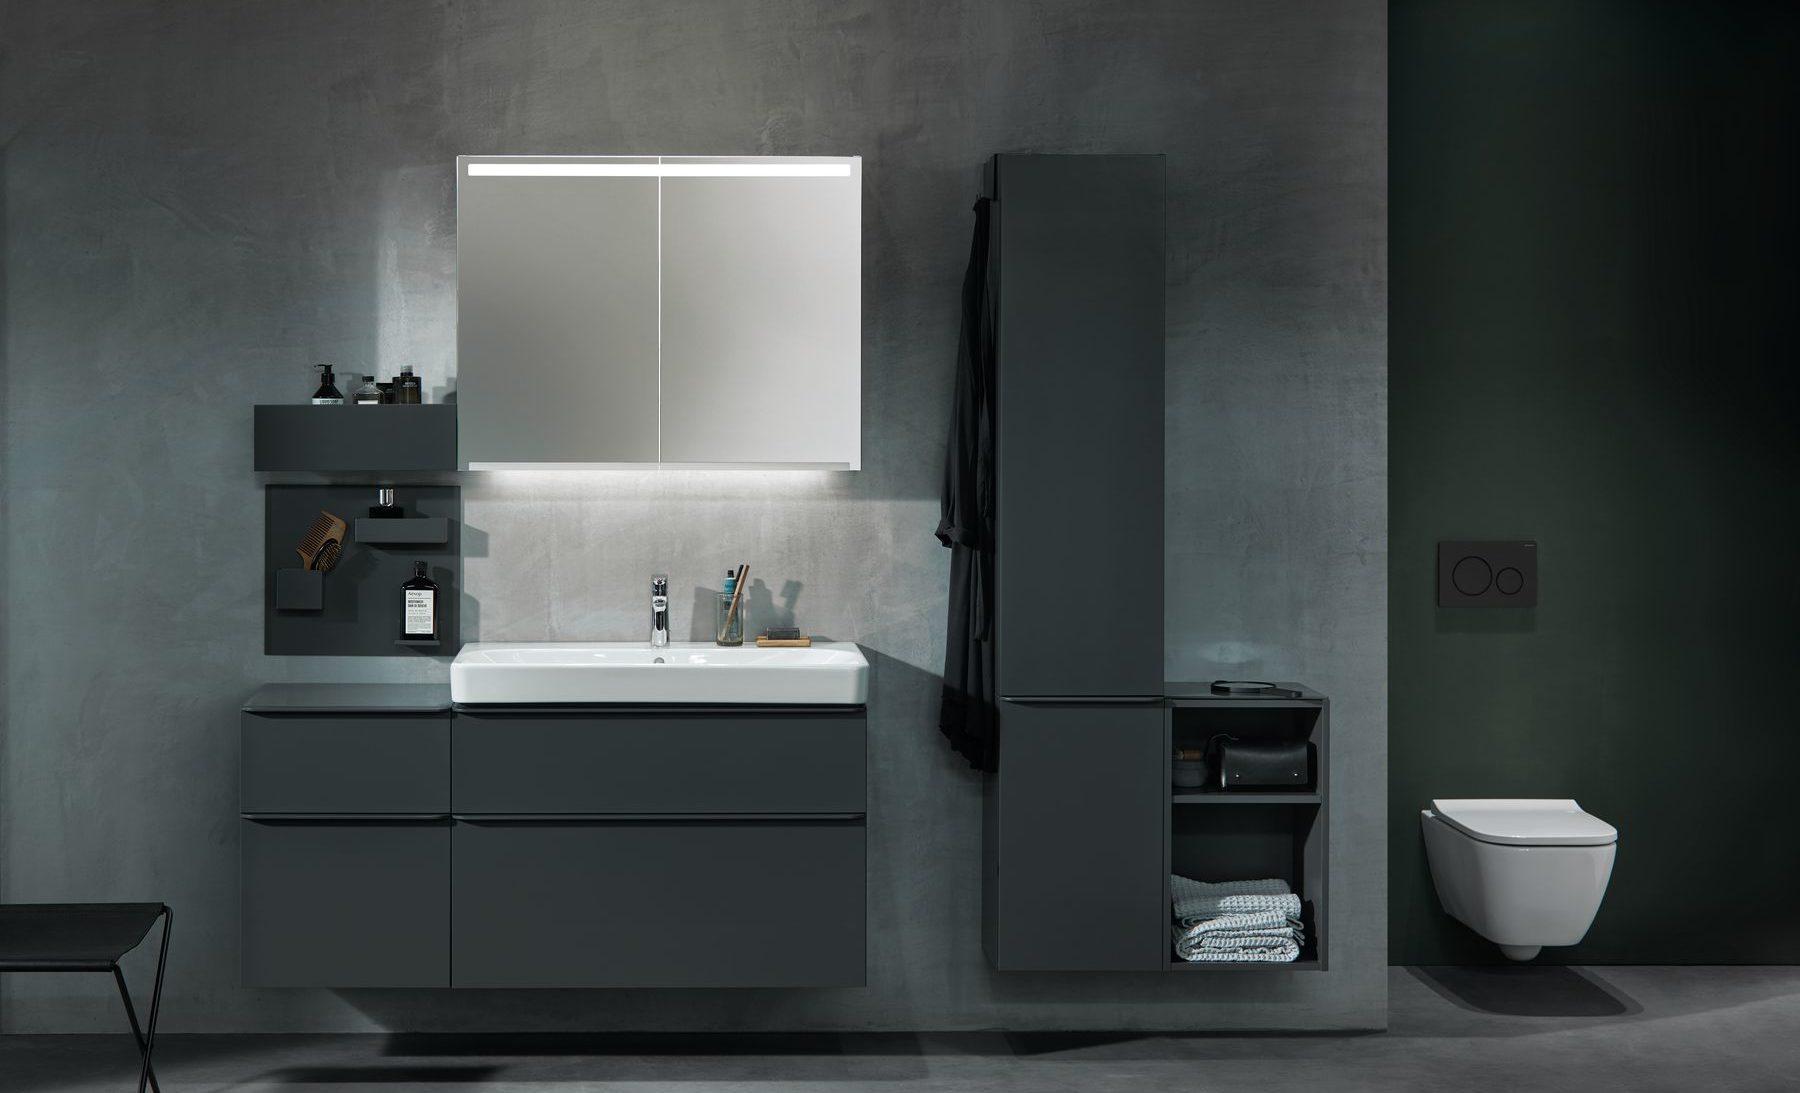 Obr.5a_2020 Bathroom_2_a_2_Sigma20_Big Size